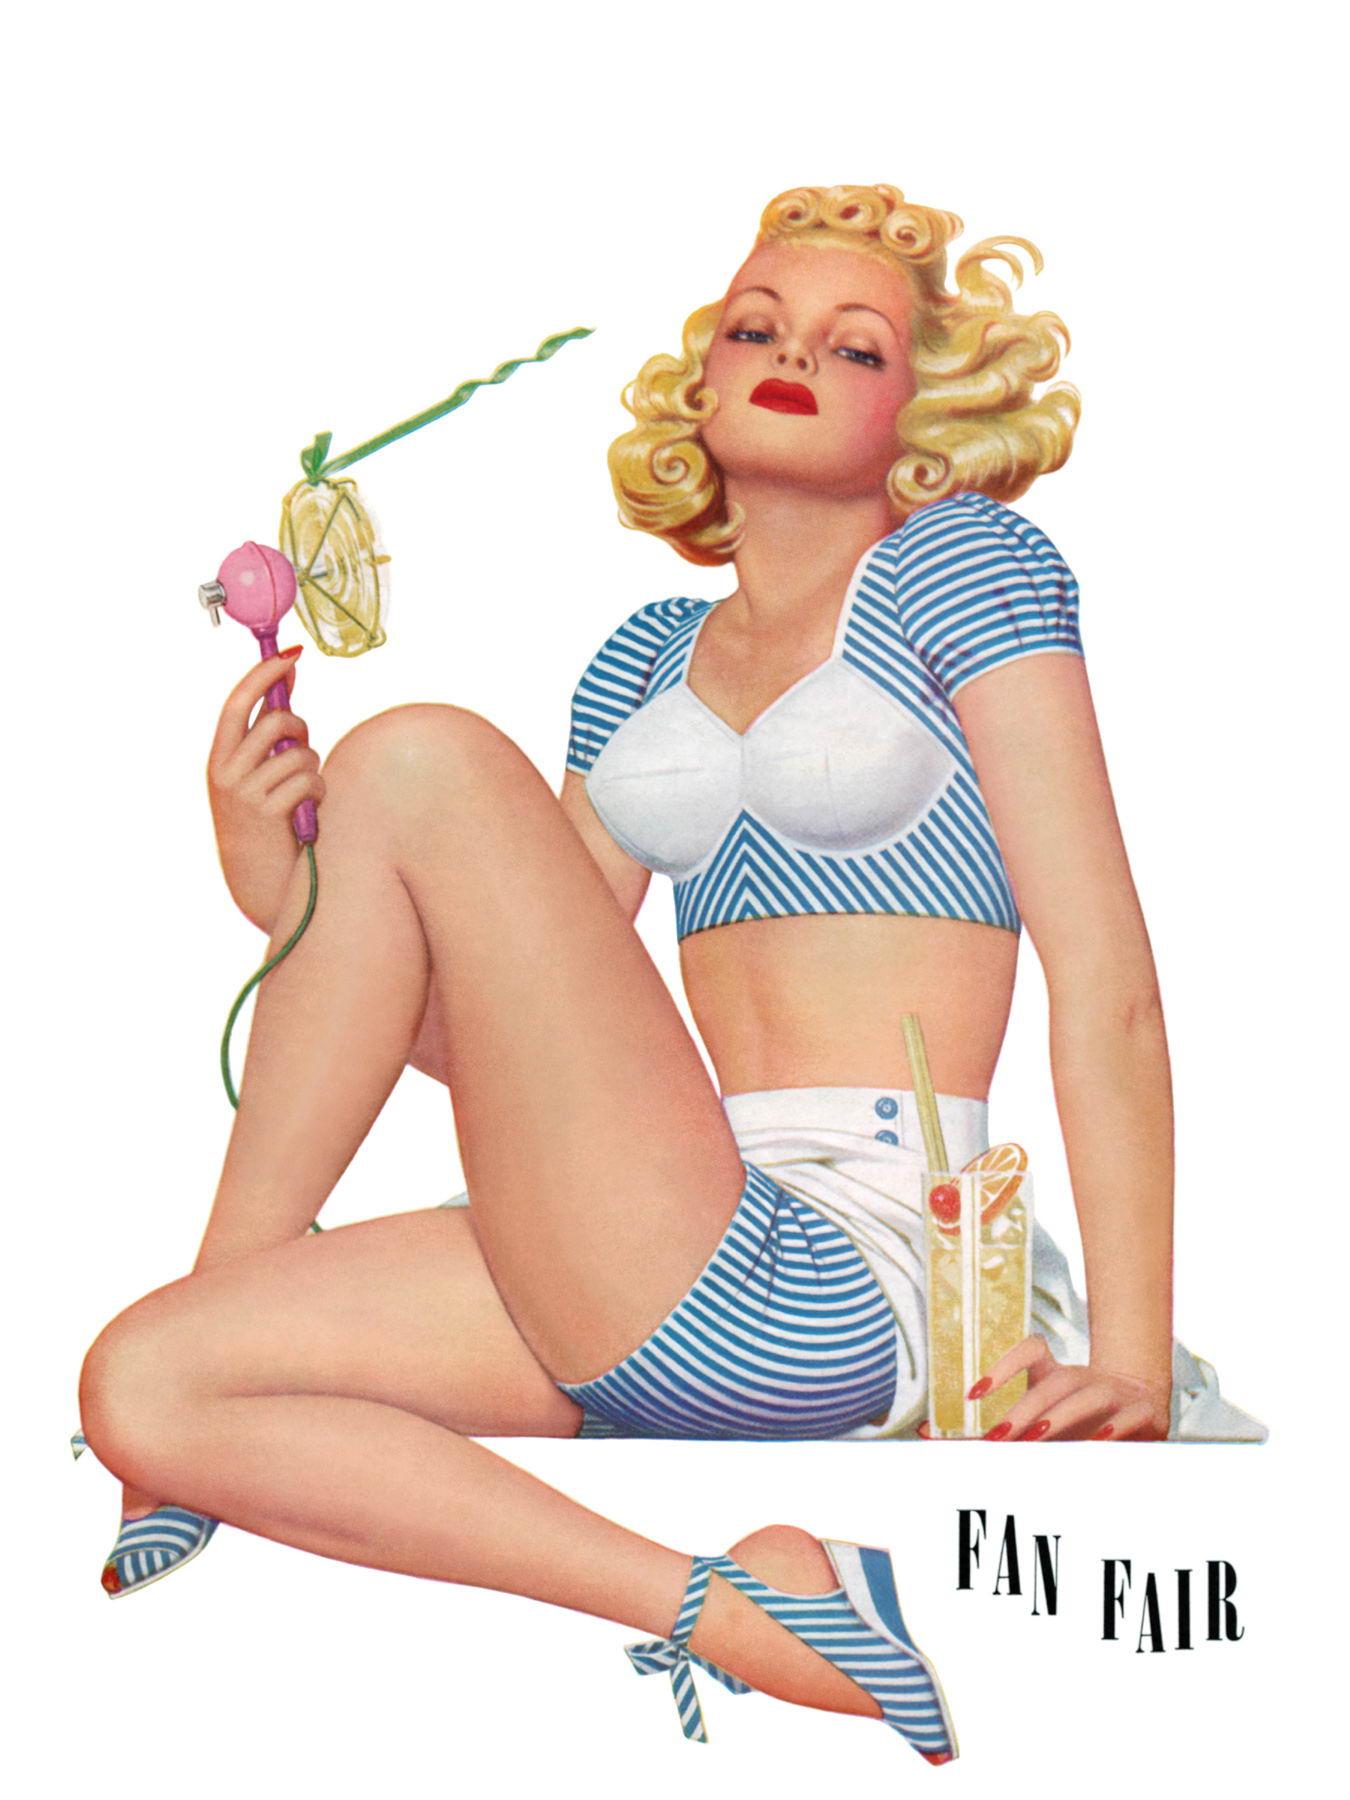 Рисованные Пин-ап девушки 40-50-х годов (85 фото)